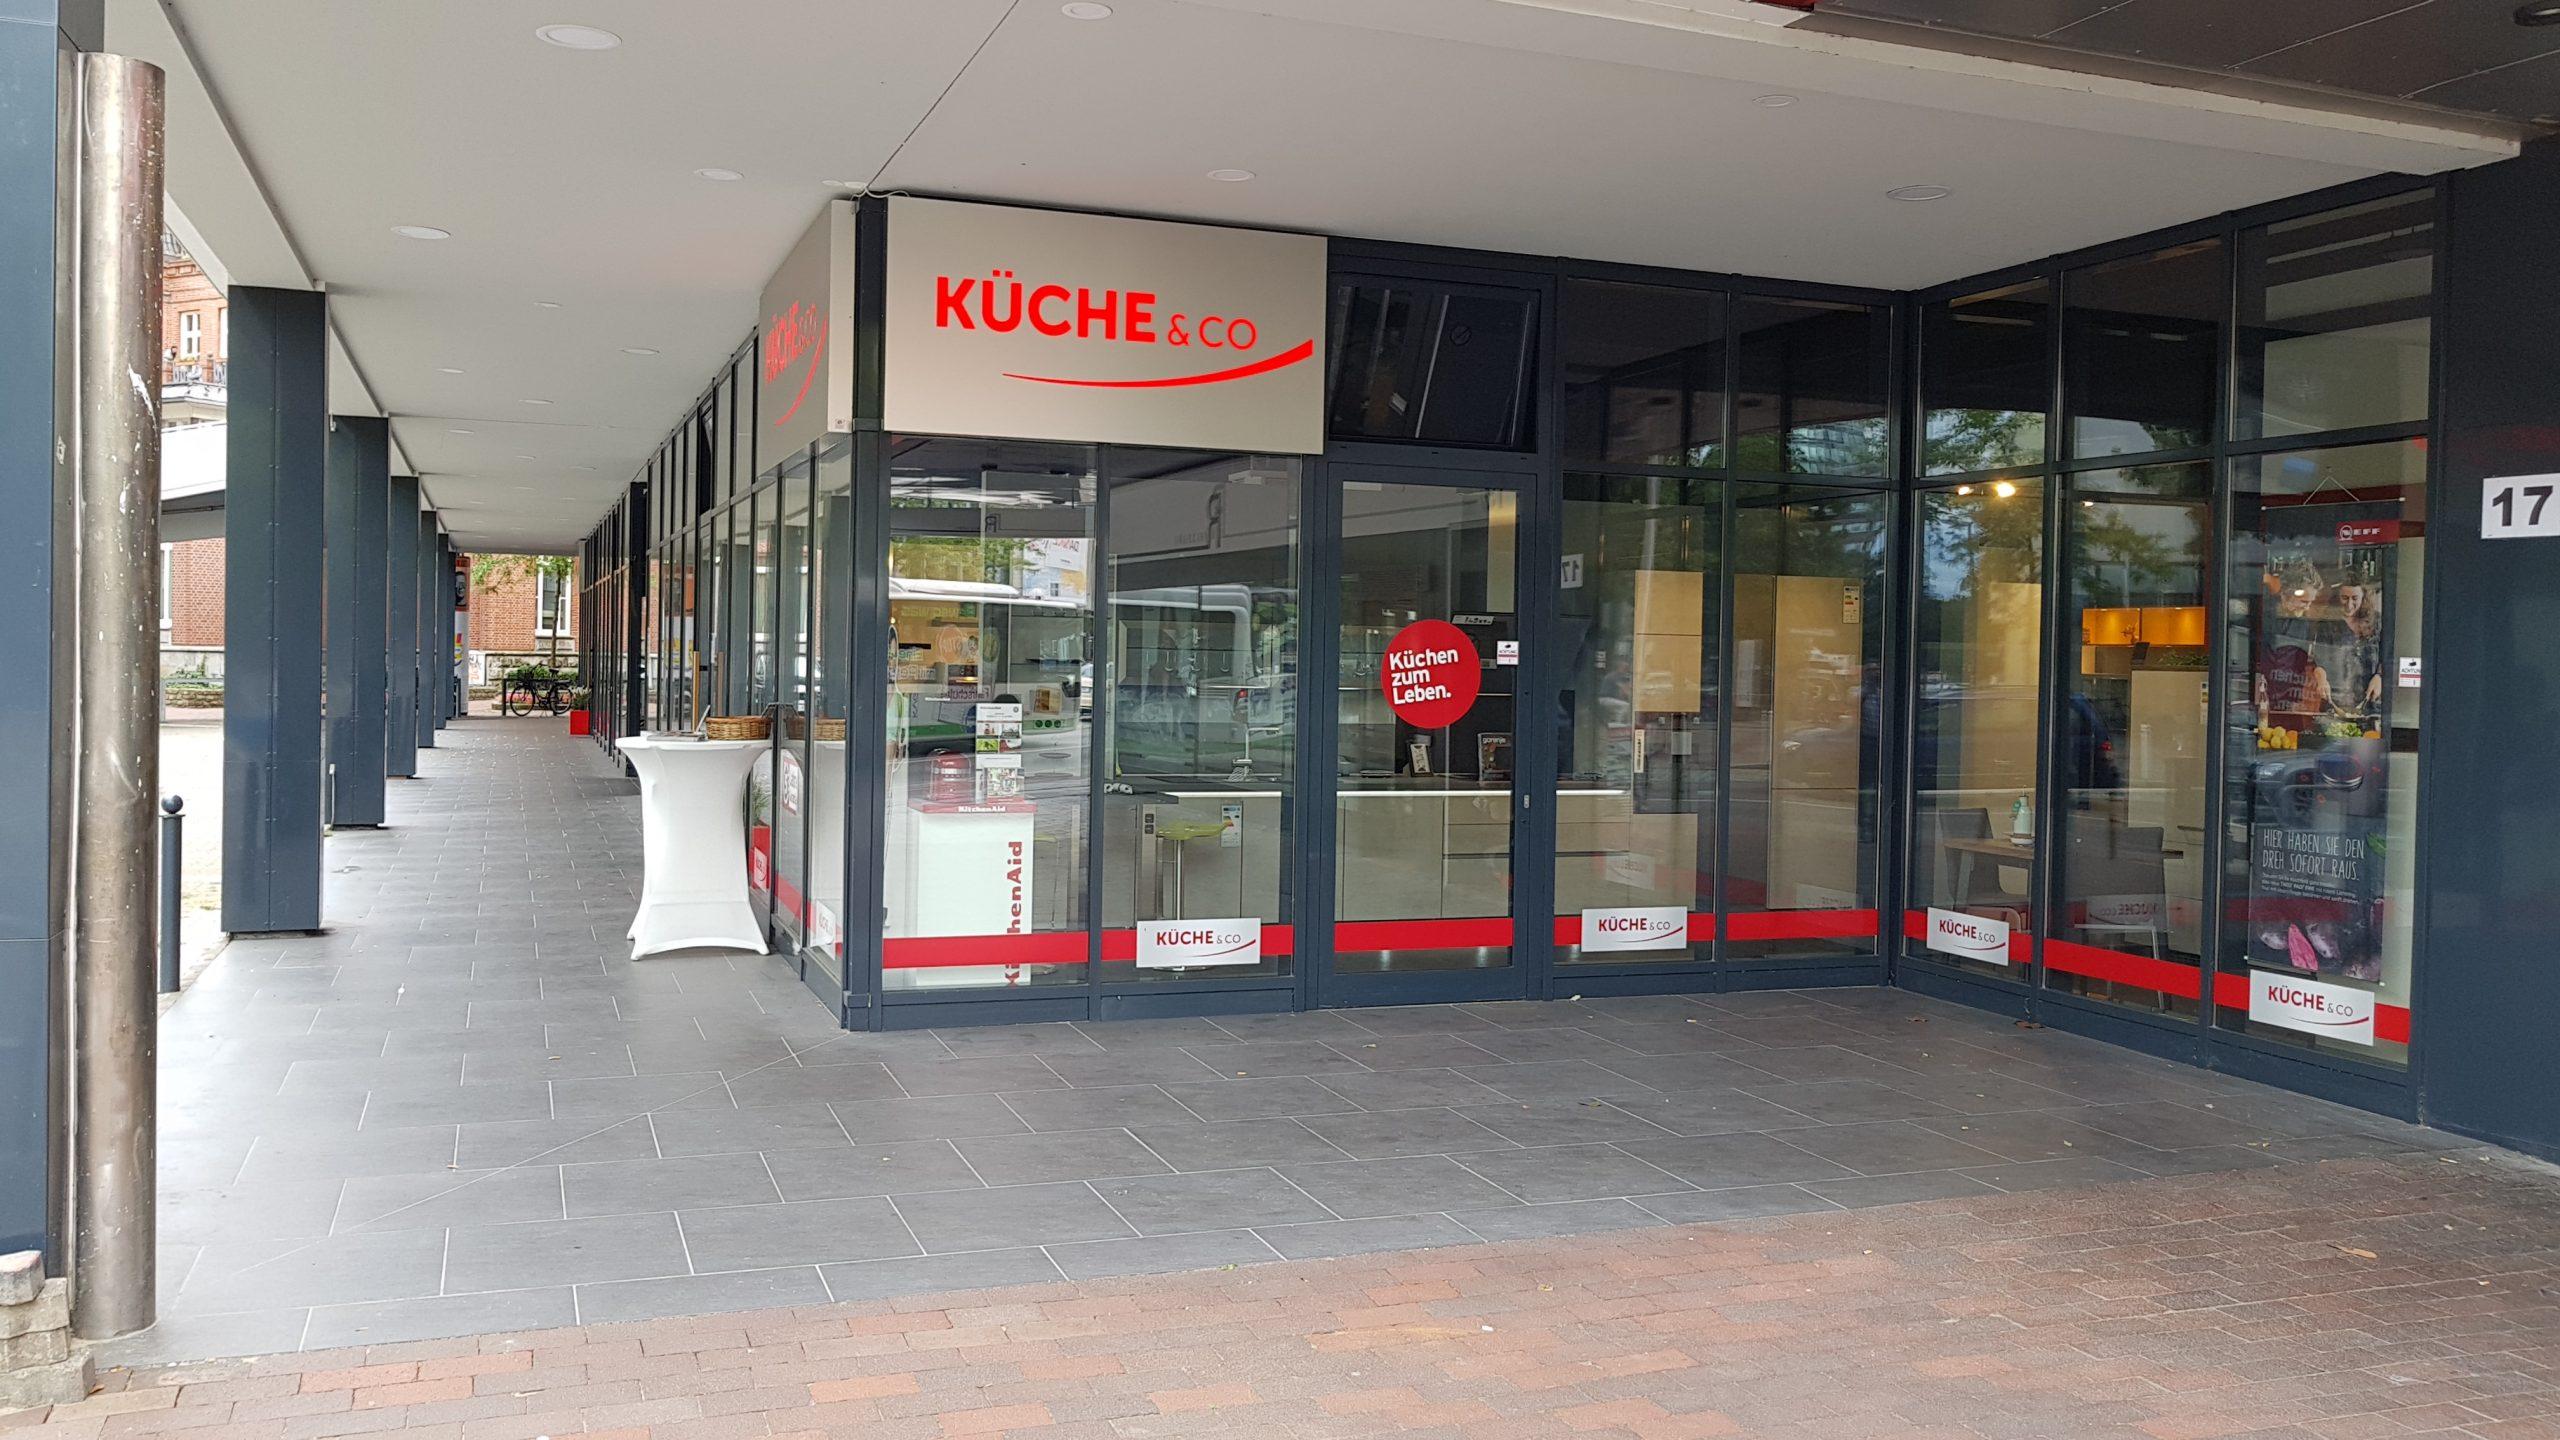 Full Size of Küche Auf Raten Kchenstudio Hamburg Harburg Kcheco Bodenbelag Gardinen Für Die Sofa Nolte Esstisch Kaufen Tapete Modern Was Kostet Eine Mischbatterie Miele Küche Küche Auf Raten